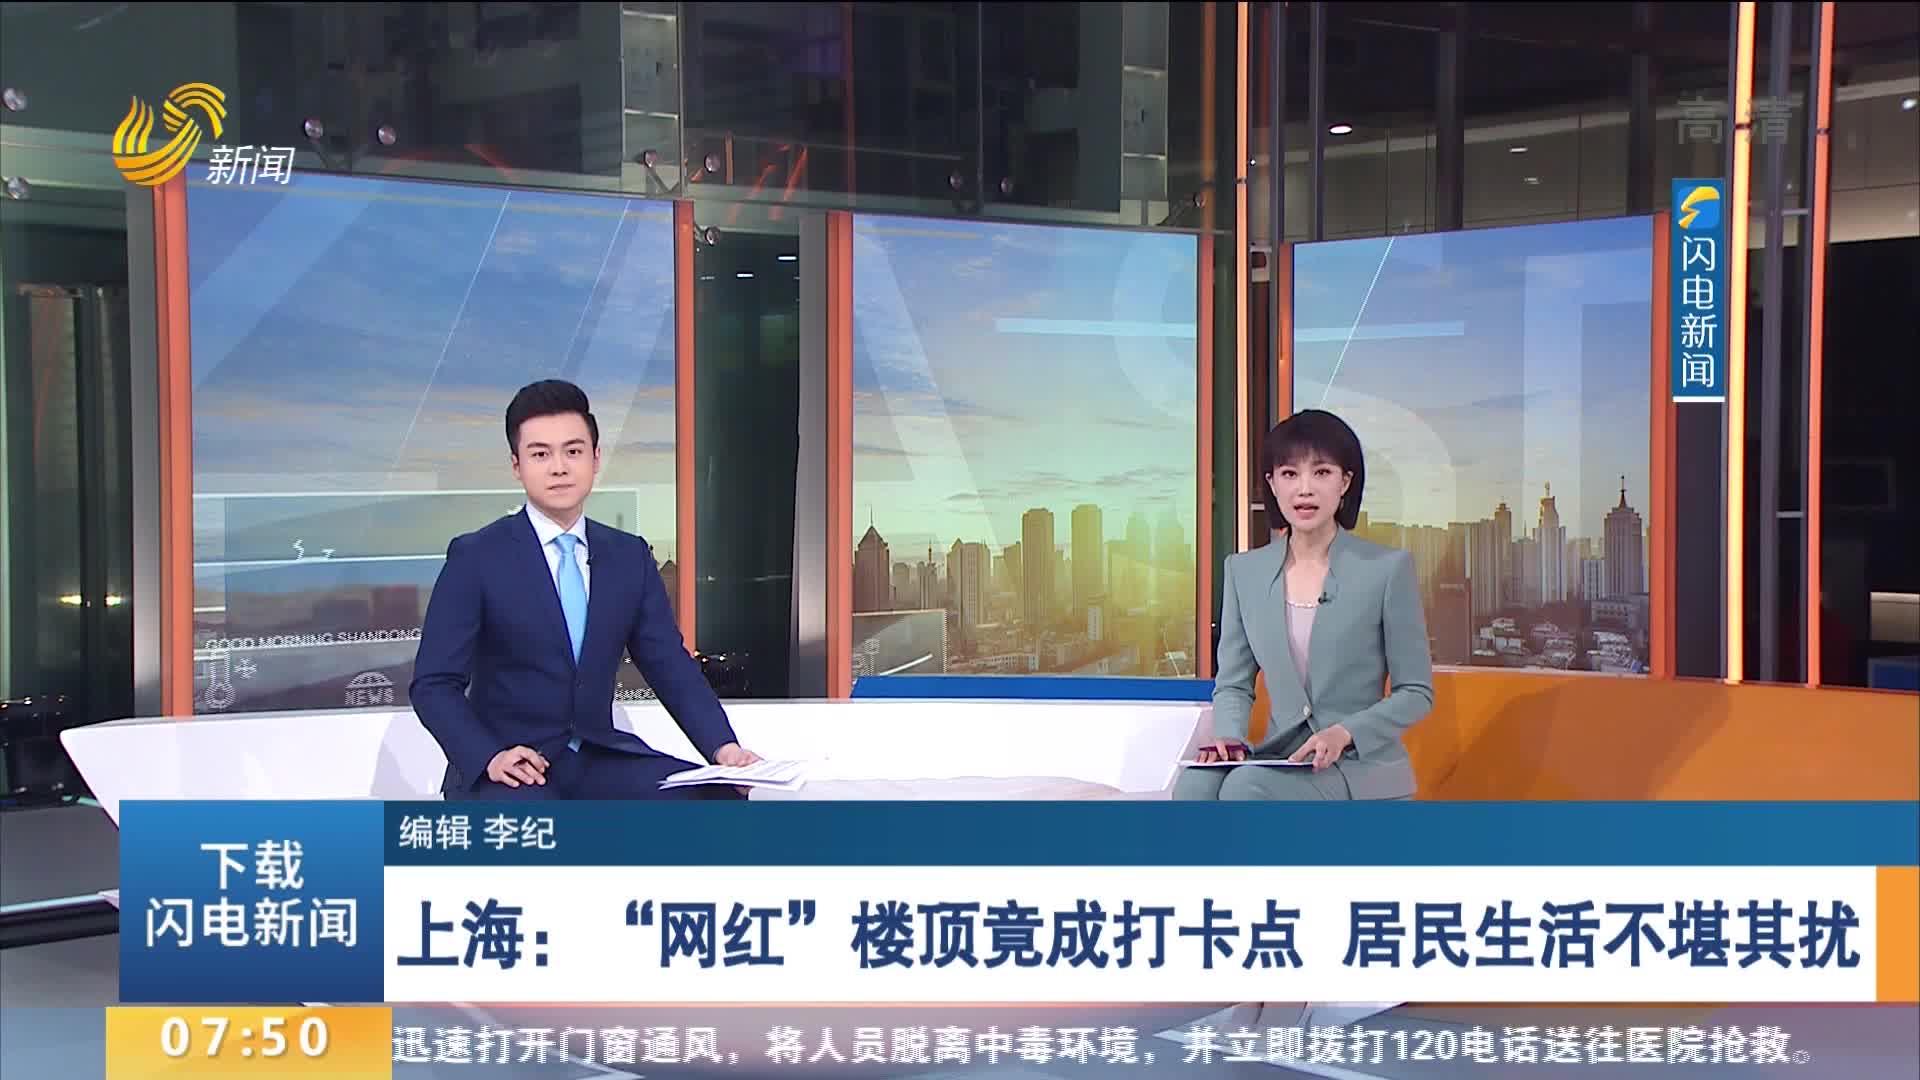 """上海:""""网红""""楼顶竟成打卡点 居民生活不胜其扰"""